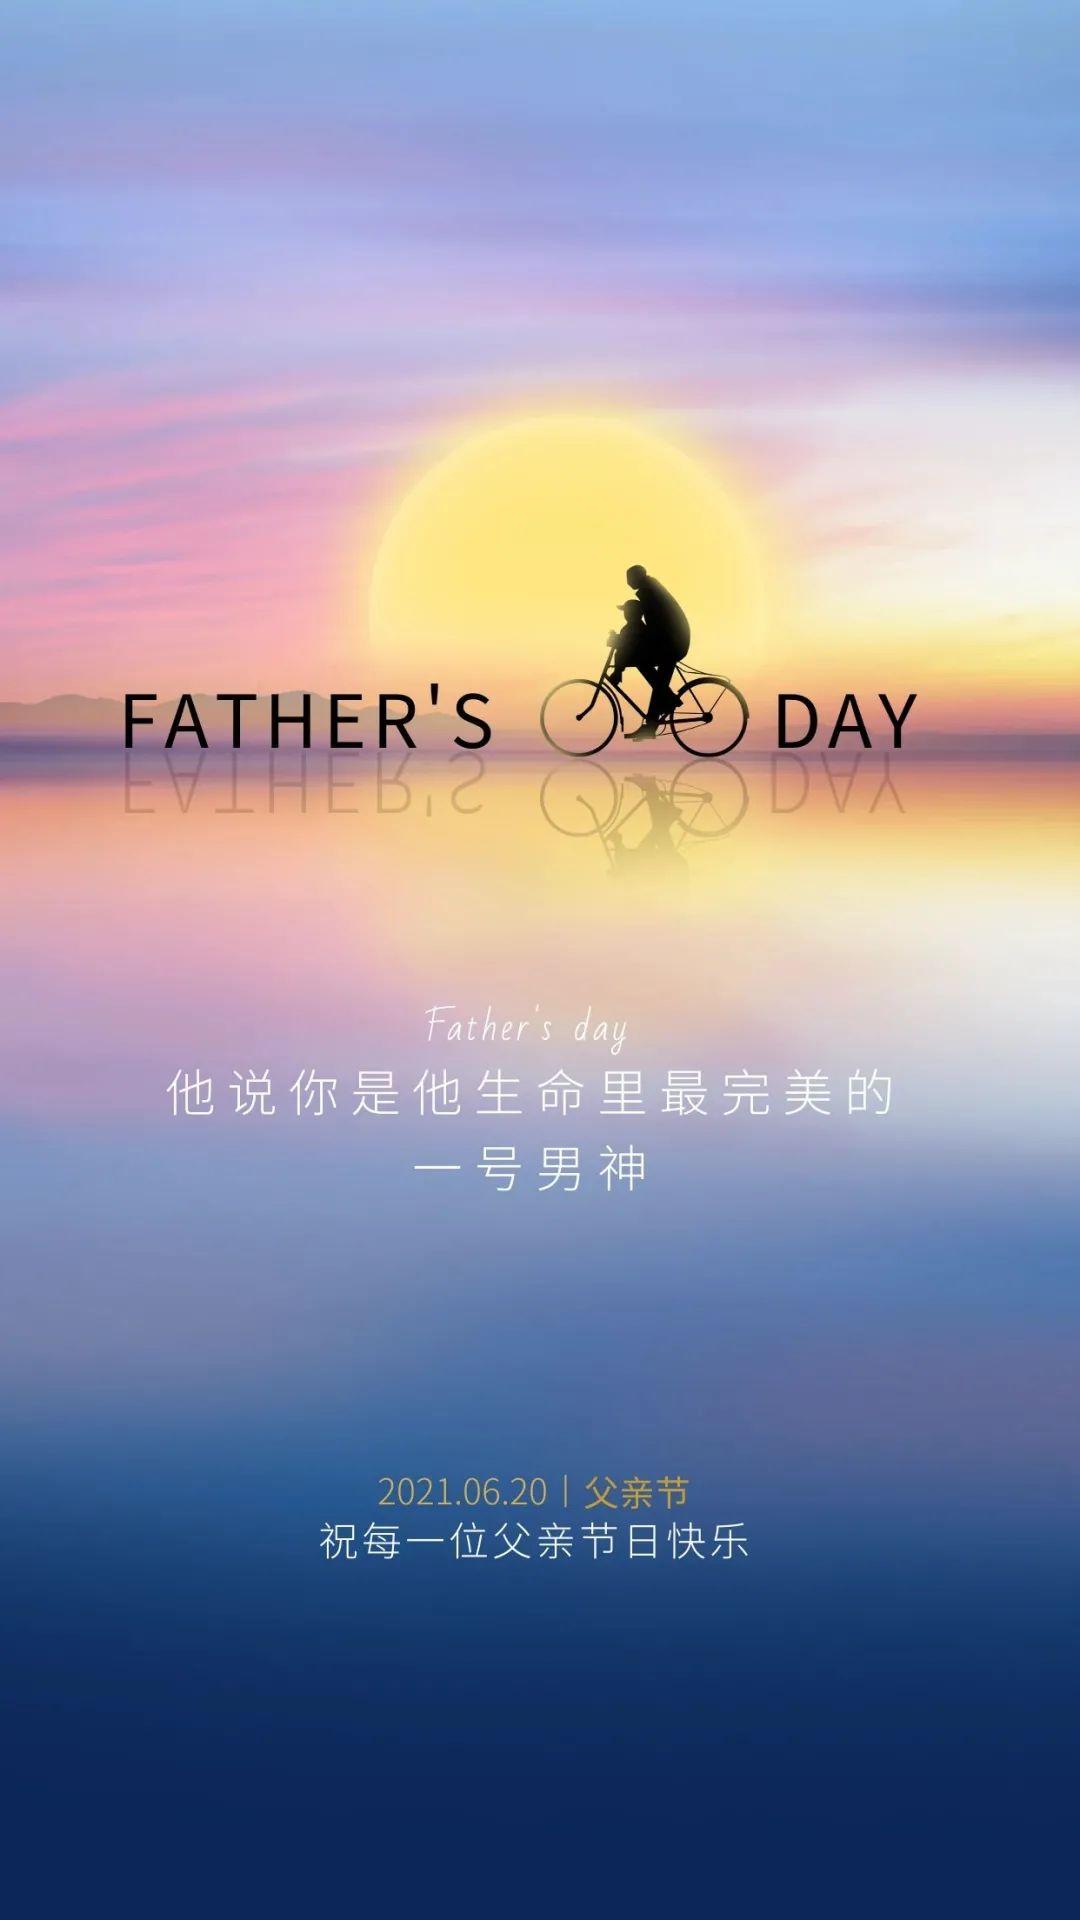 父亲节图片配图大全,朋友圈父亲节文案说说简单短句子